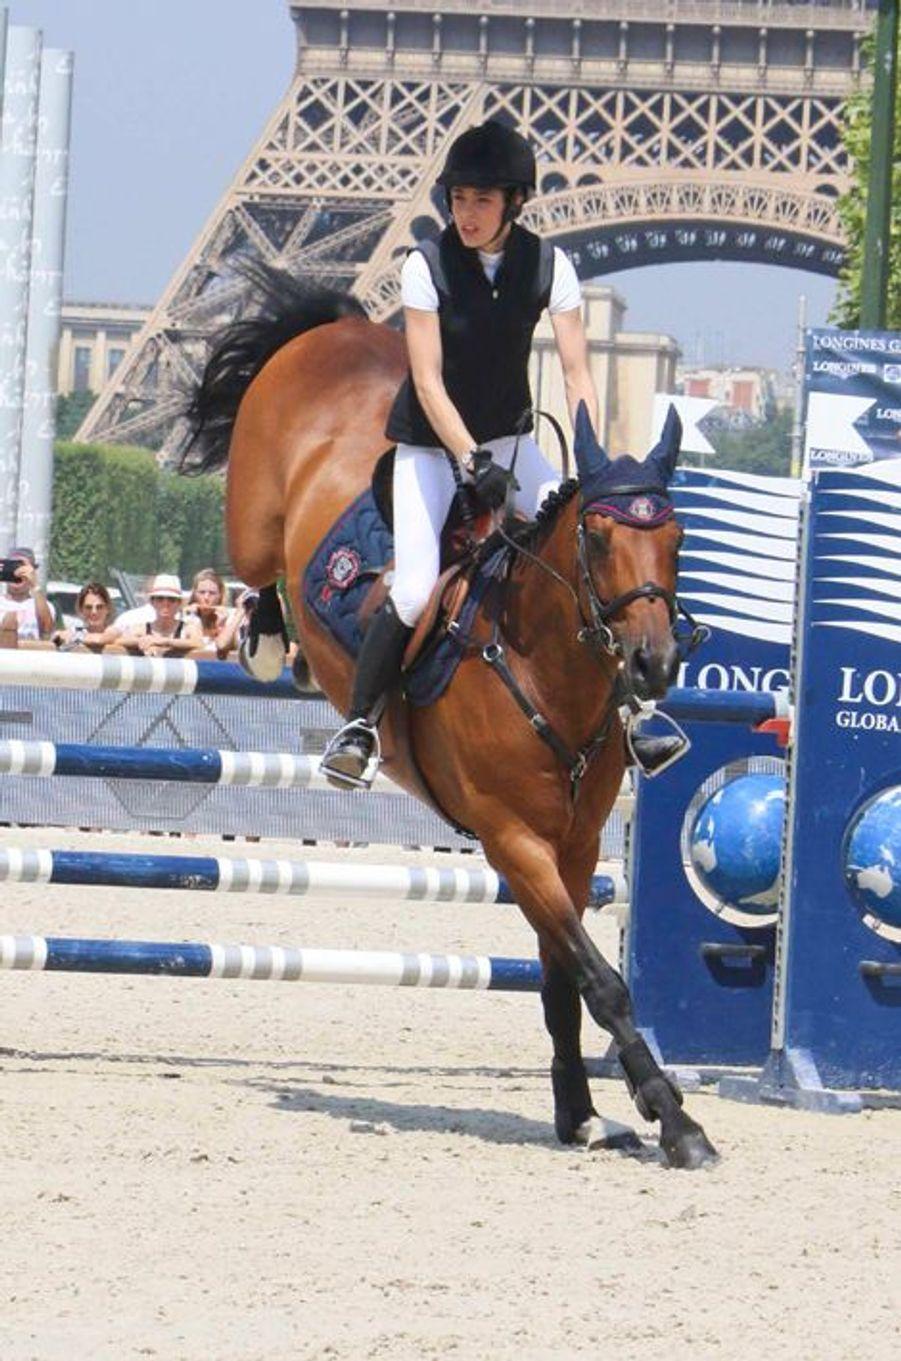 Charlotte Casiraghi au Longines Paris Eiffel Jumping, le 3 juillet 2015